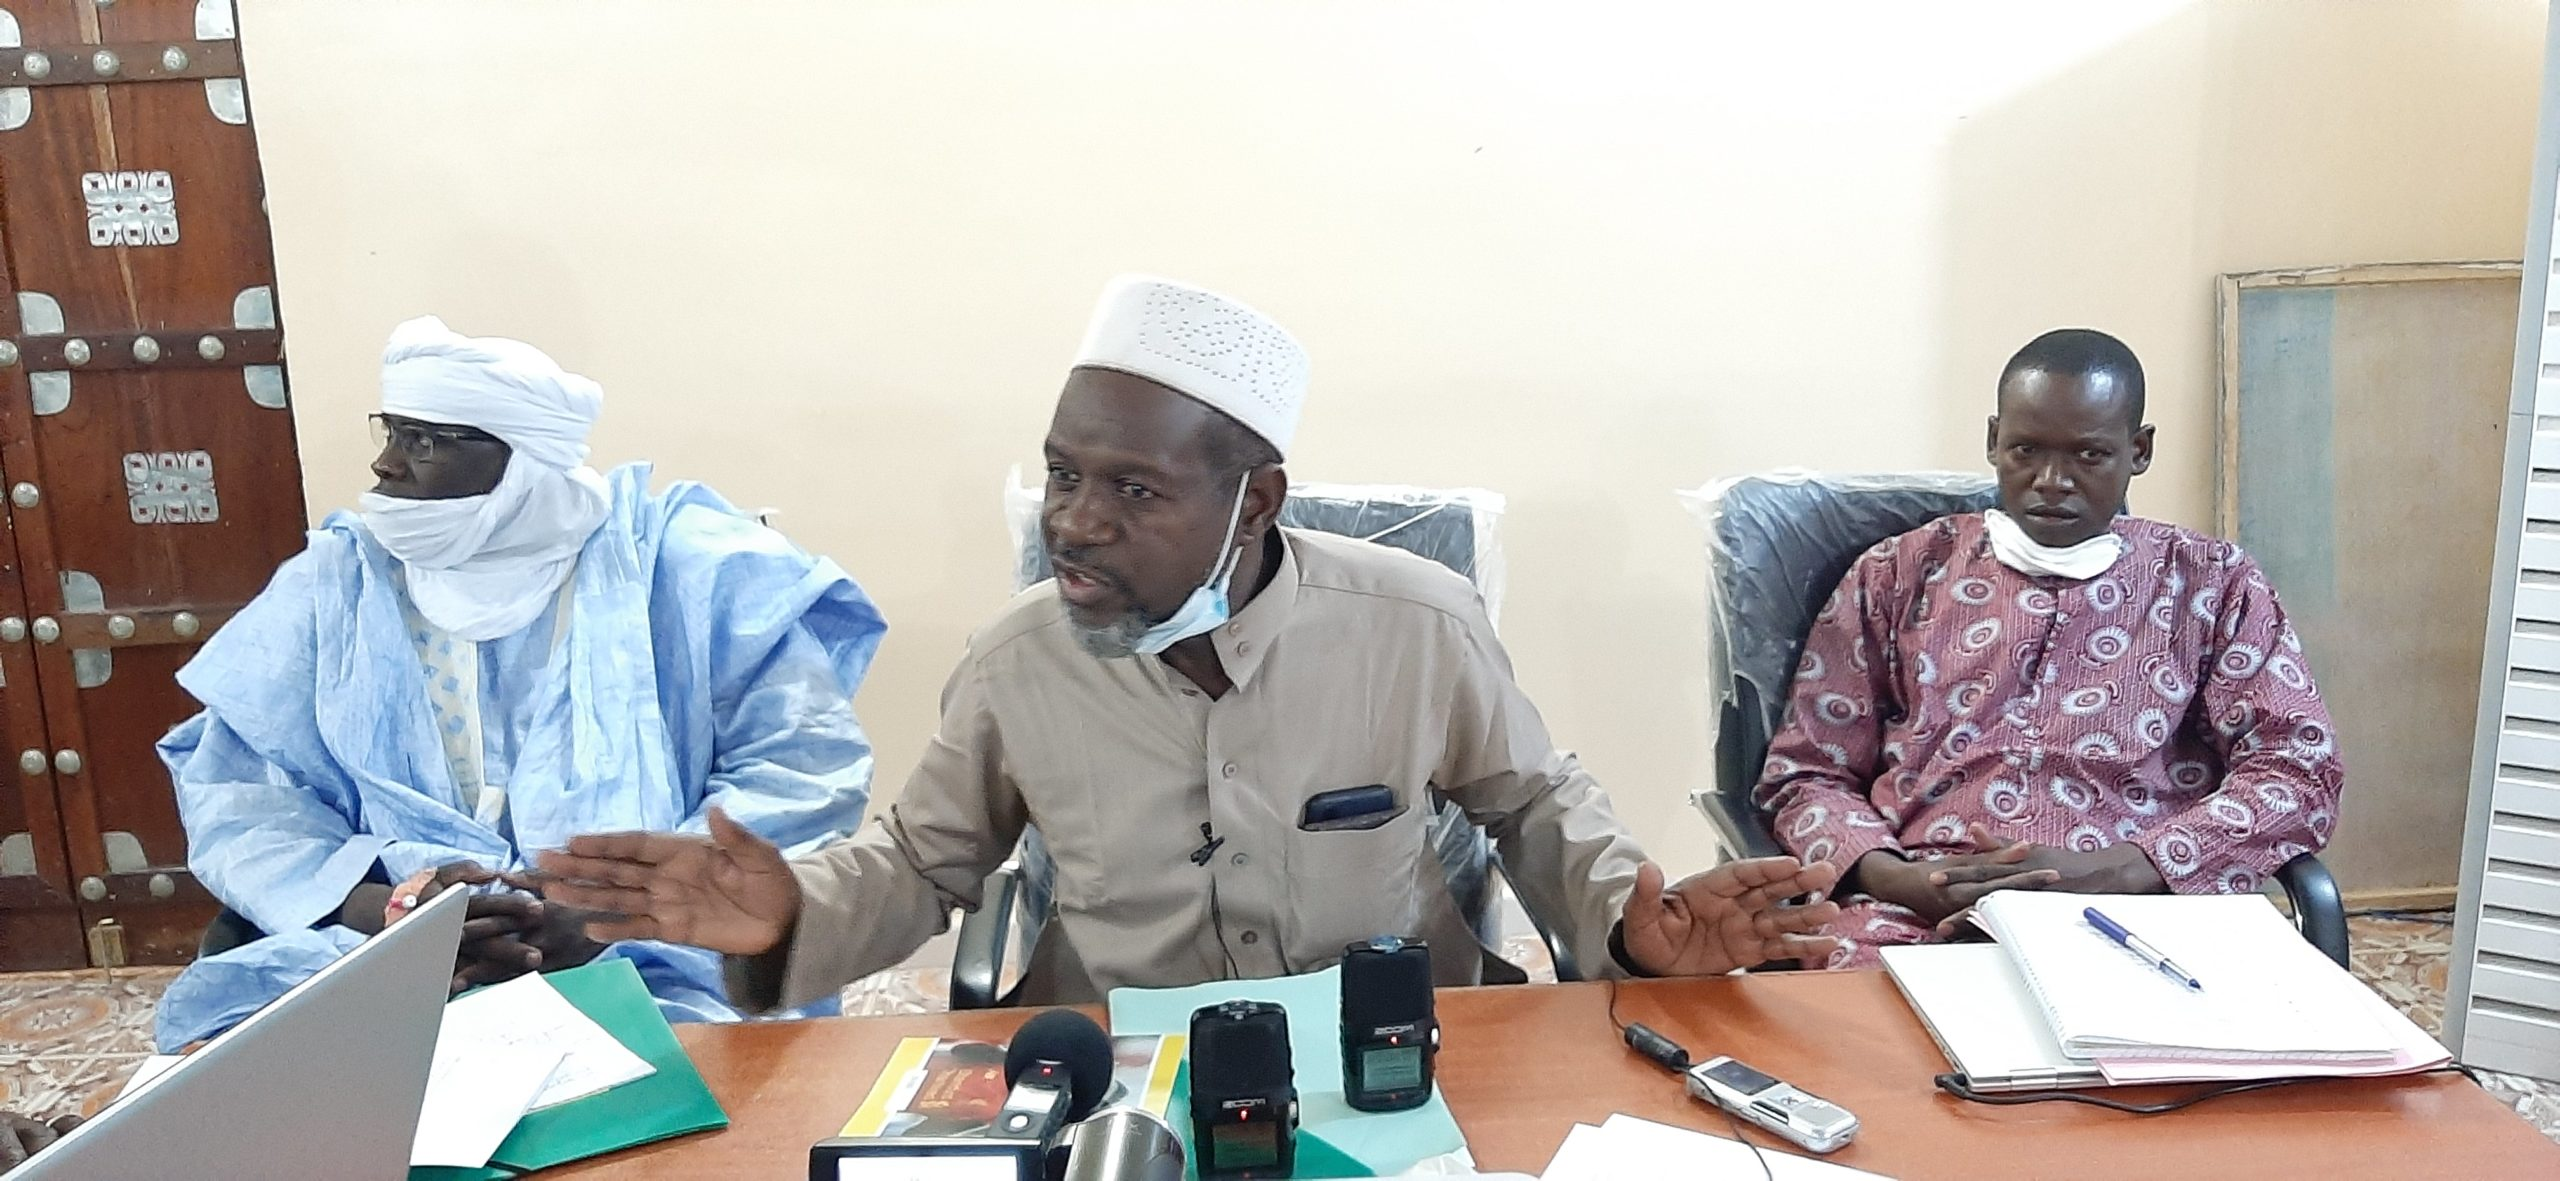 TOMBOUCTOU: Lutte contre le coronavirus, les leaders religieux de Tombouctou s'engagent.